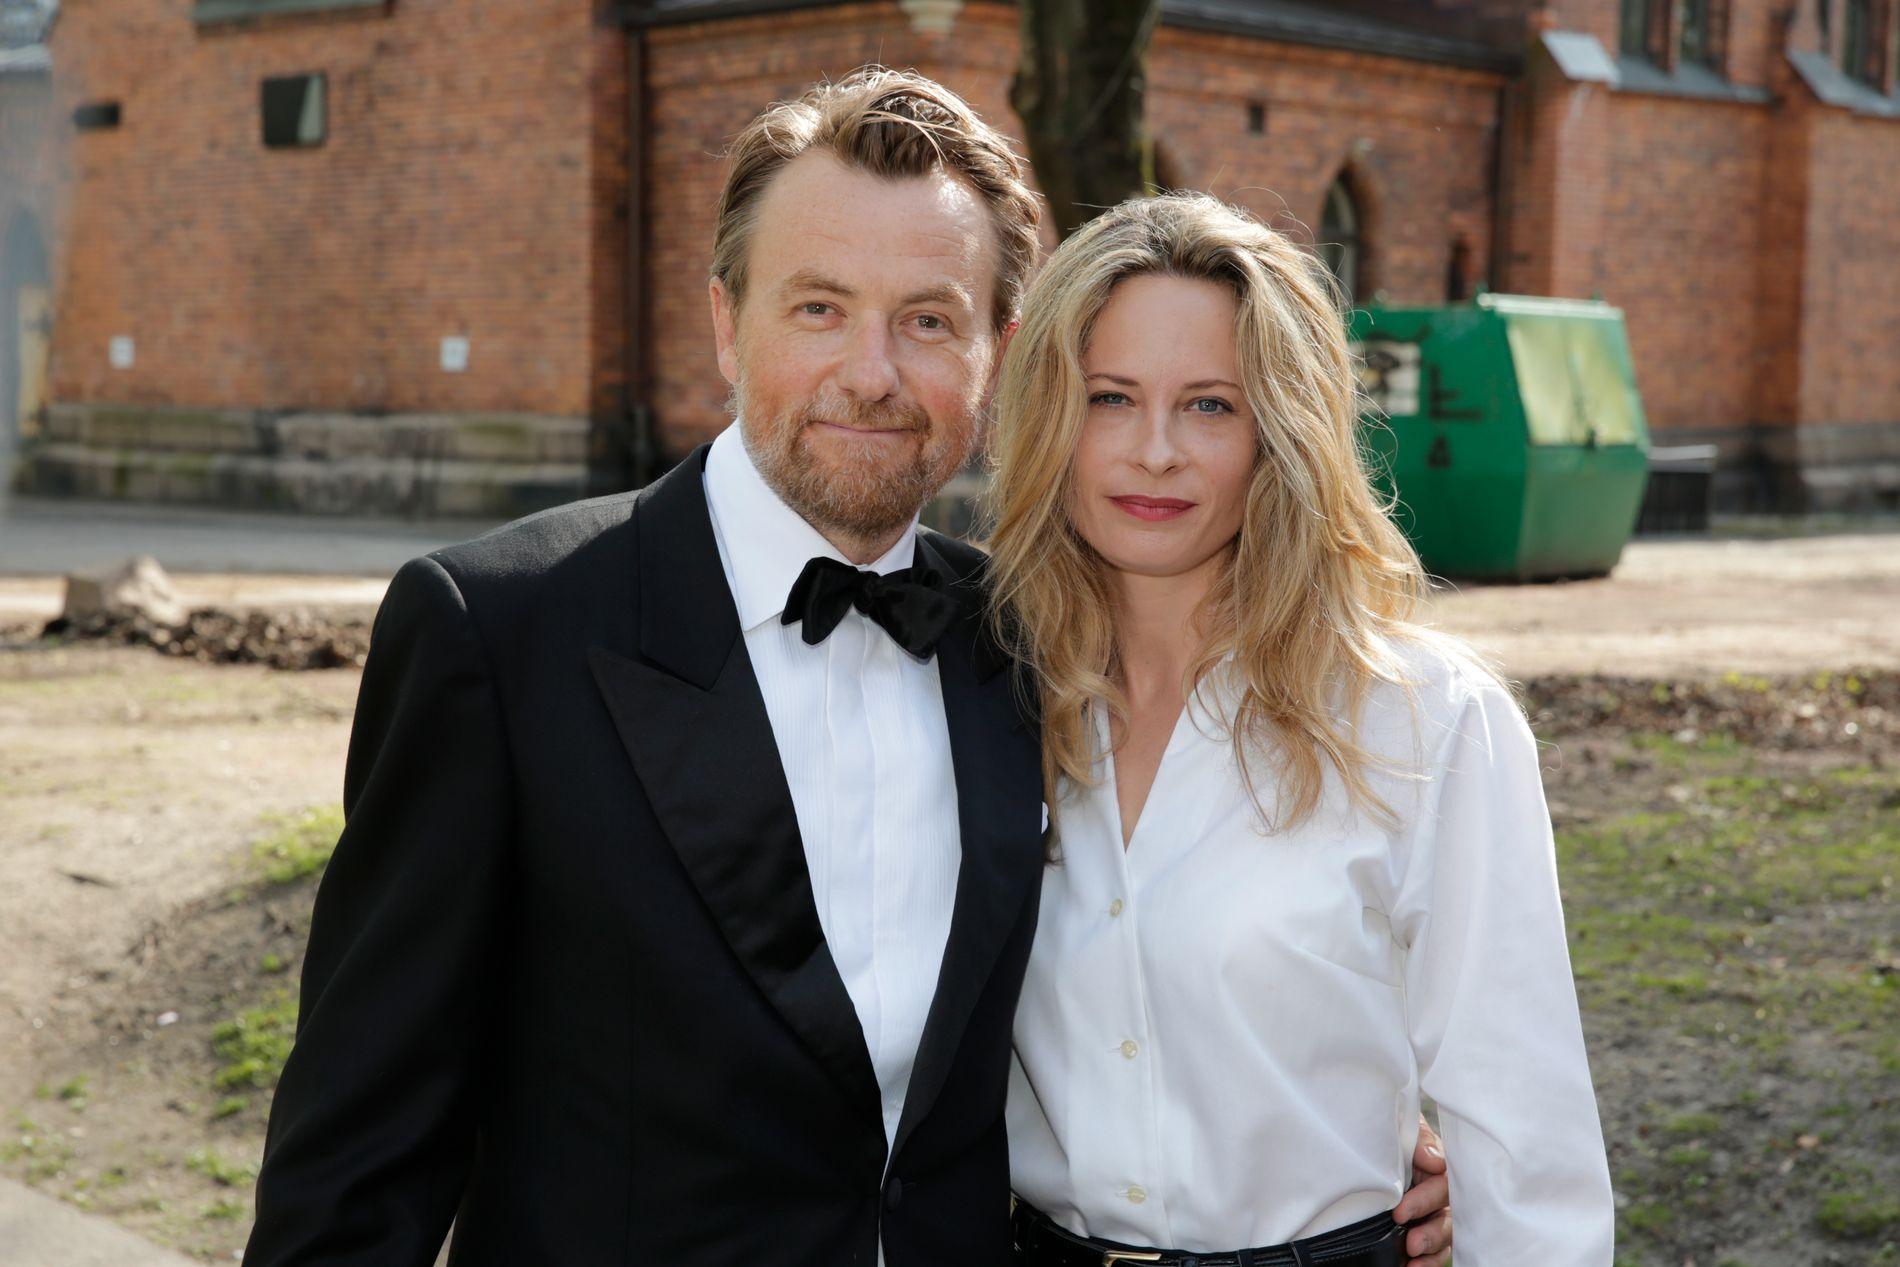 KJENDISPAR: Fredrik Skavlan og Maria Bonnevie i Jenny Skavlan og Thomas Gullestads bryllup i 2014.